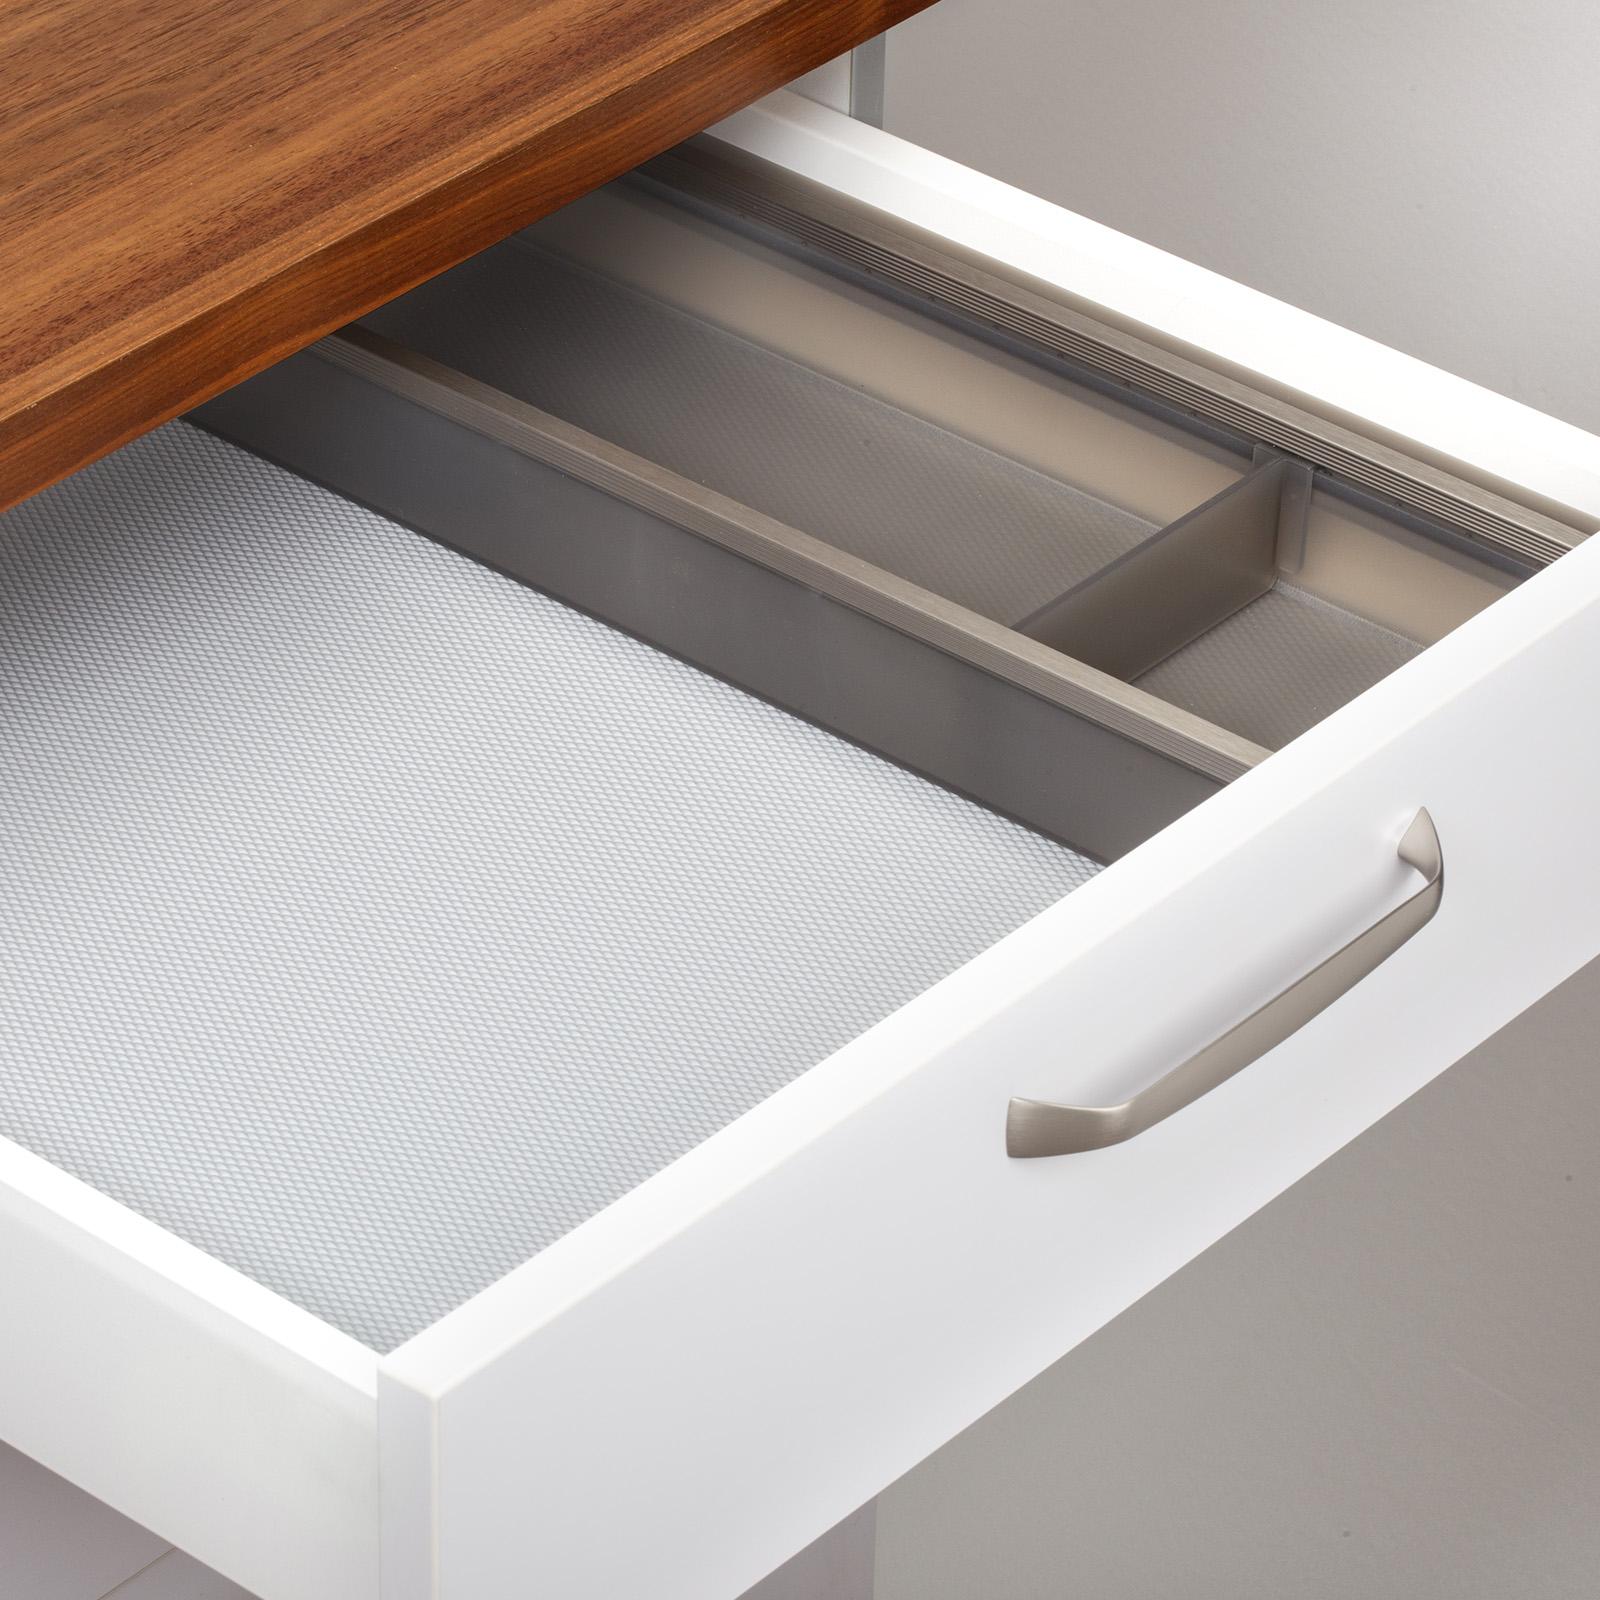 Großartig Unfertige Holzküchenschränke Fotos - Küchenschrank Ideen ...